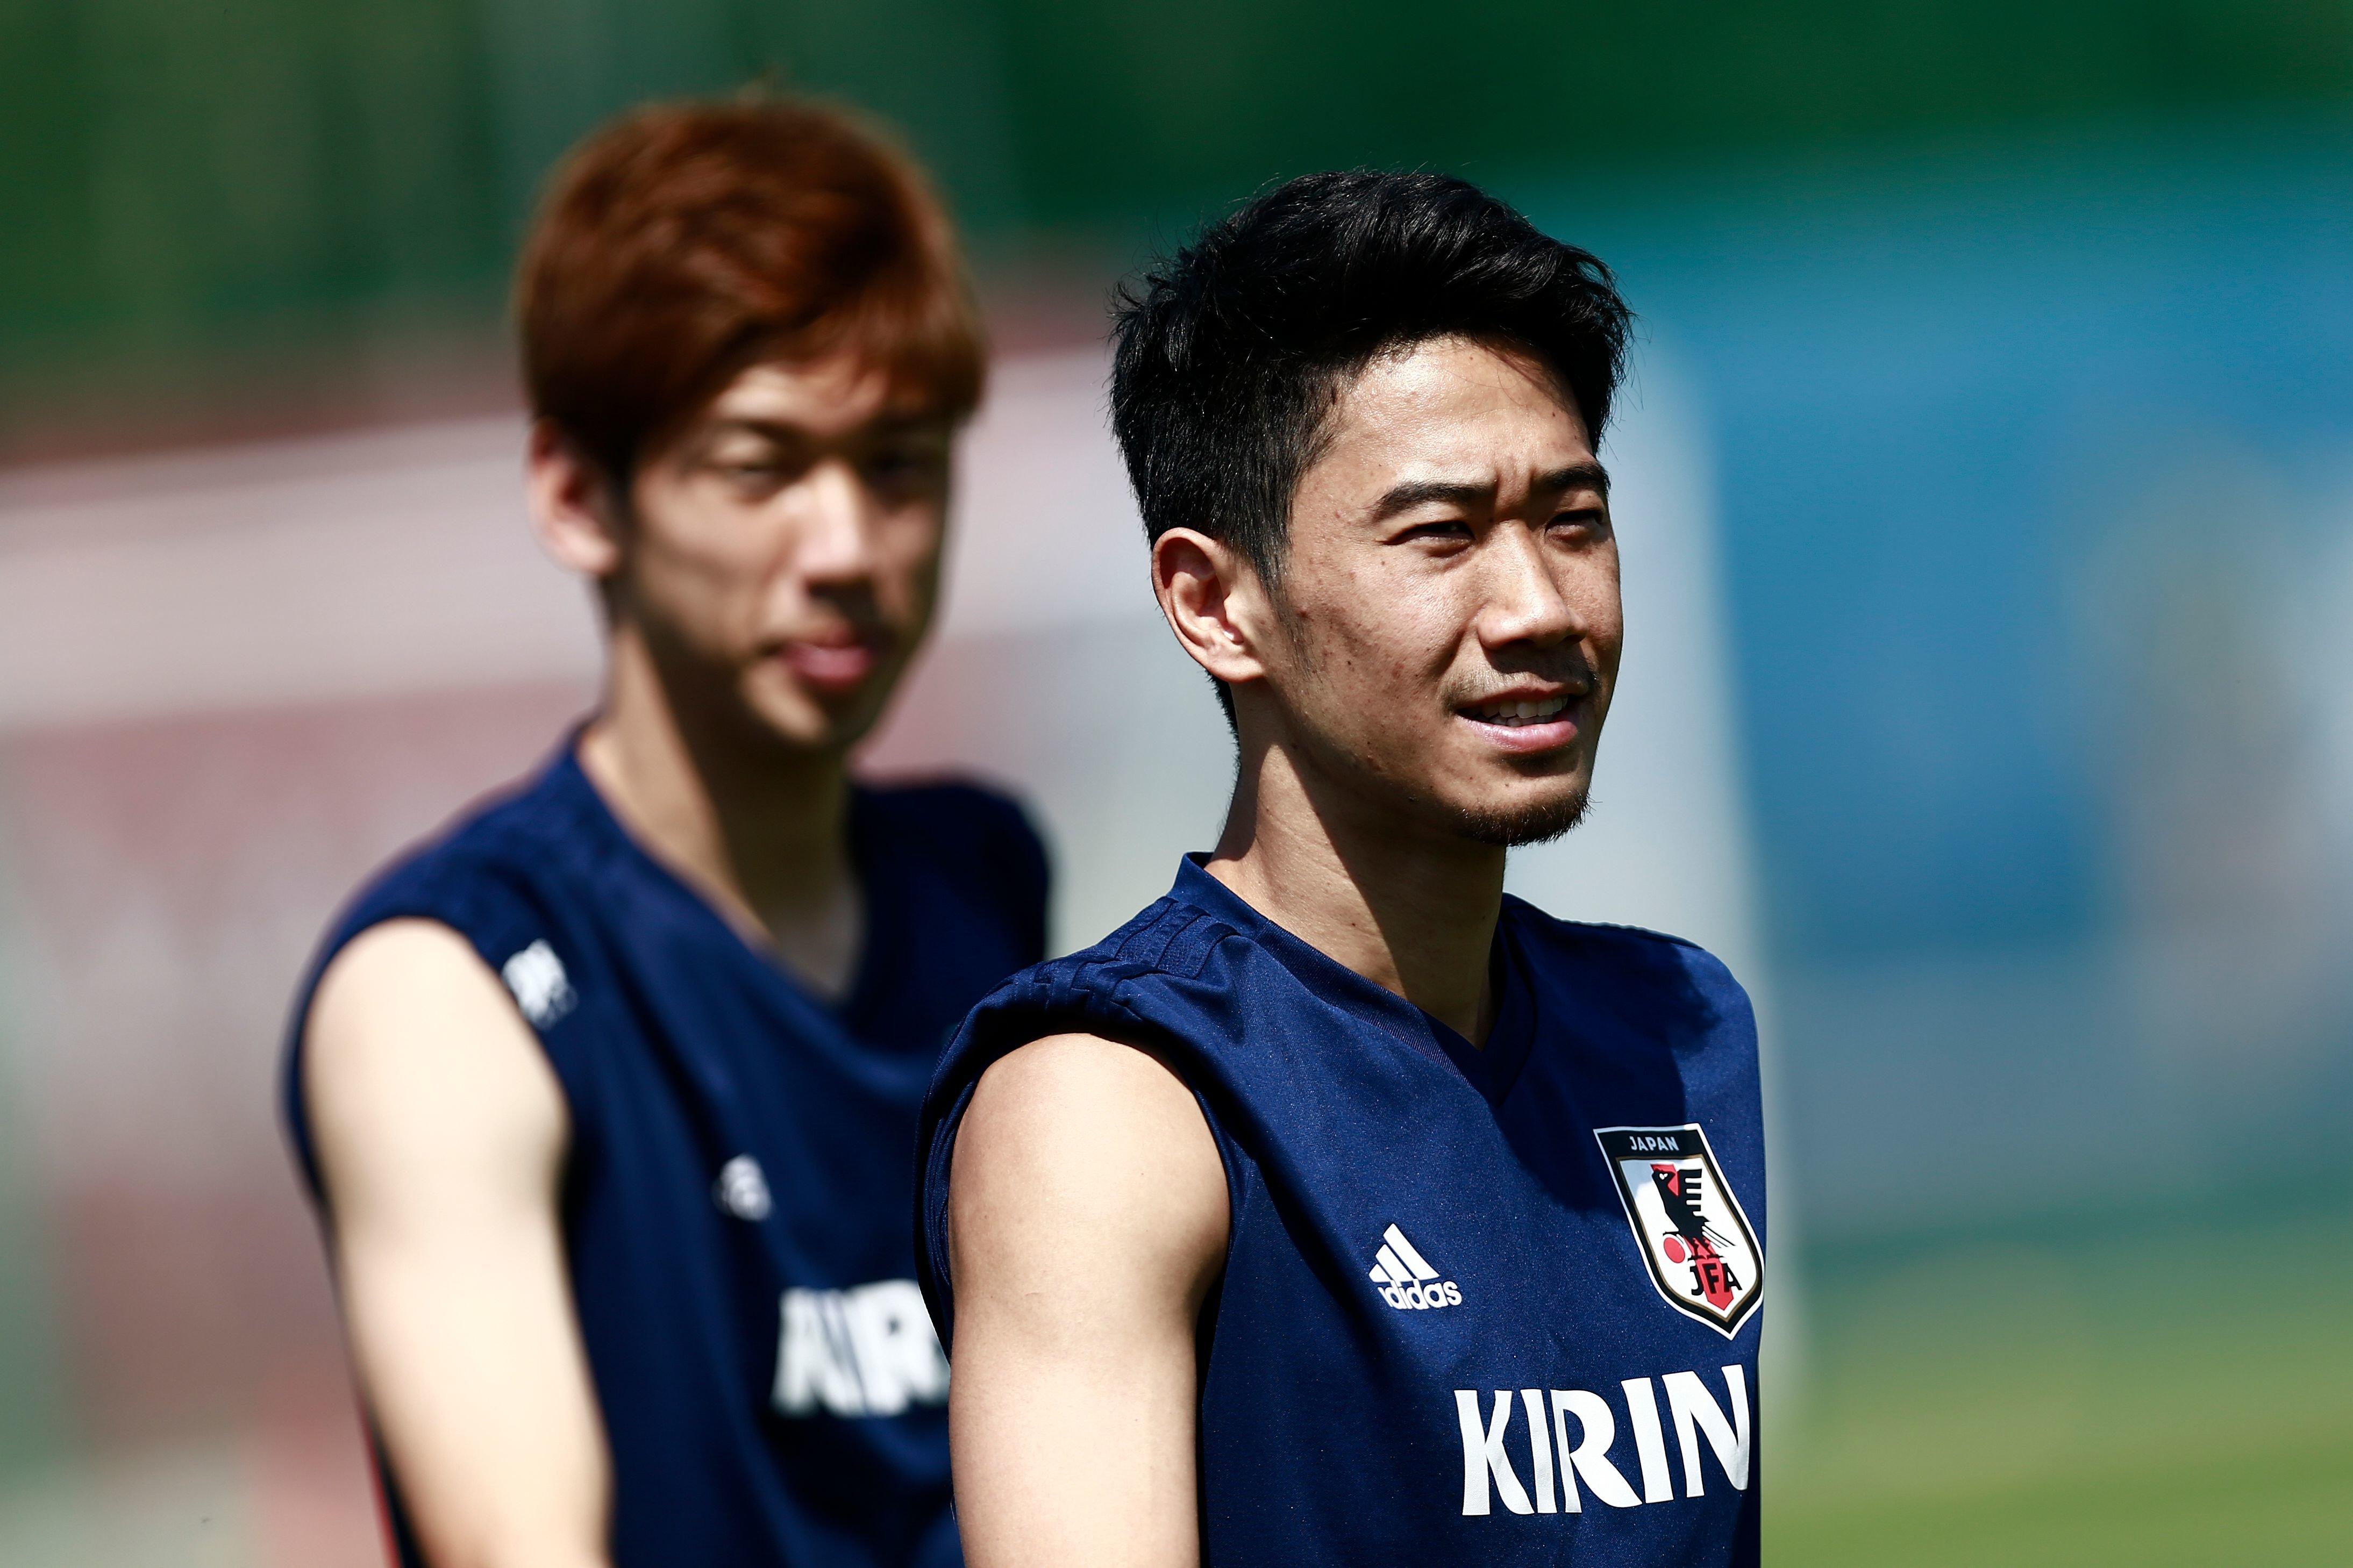 일본 선수들이 '한국-독일전' 보고 느낀 점을